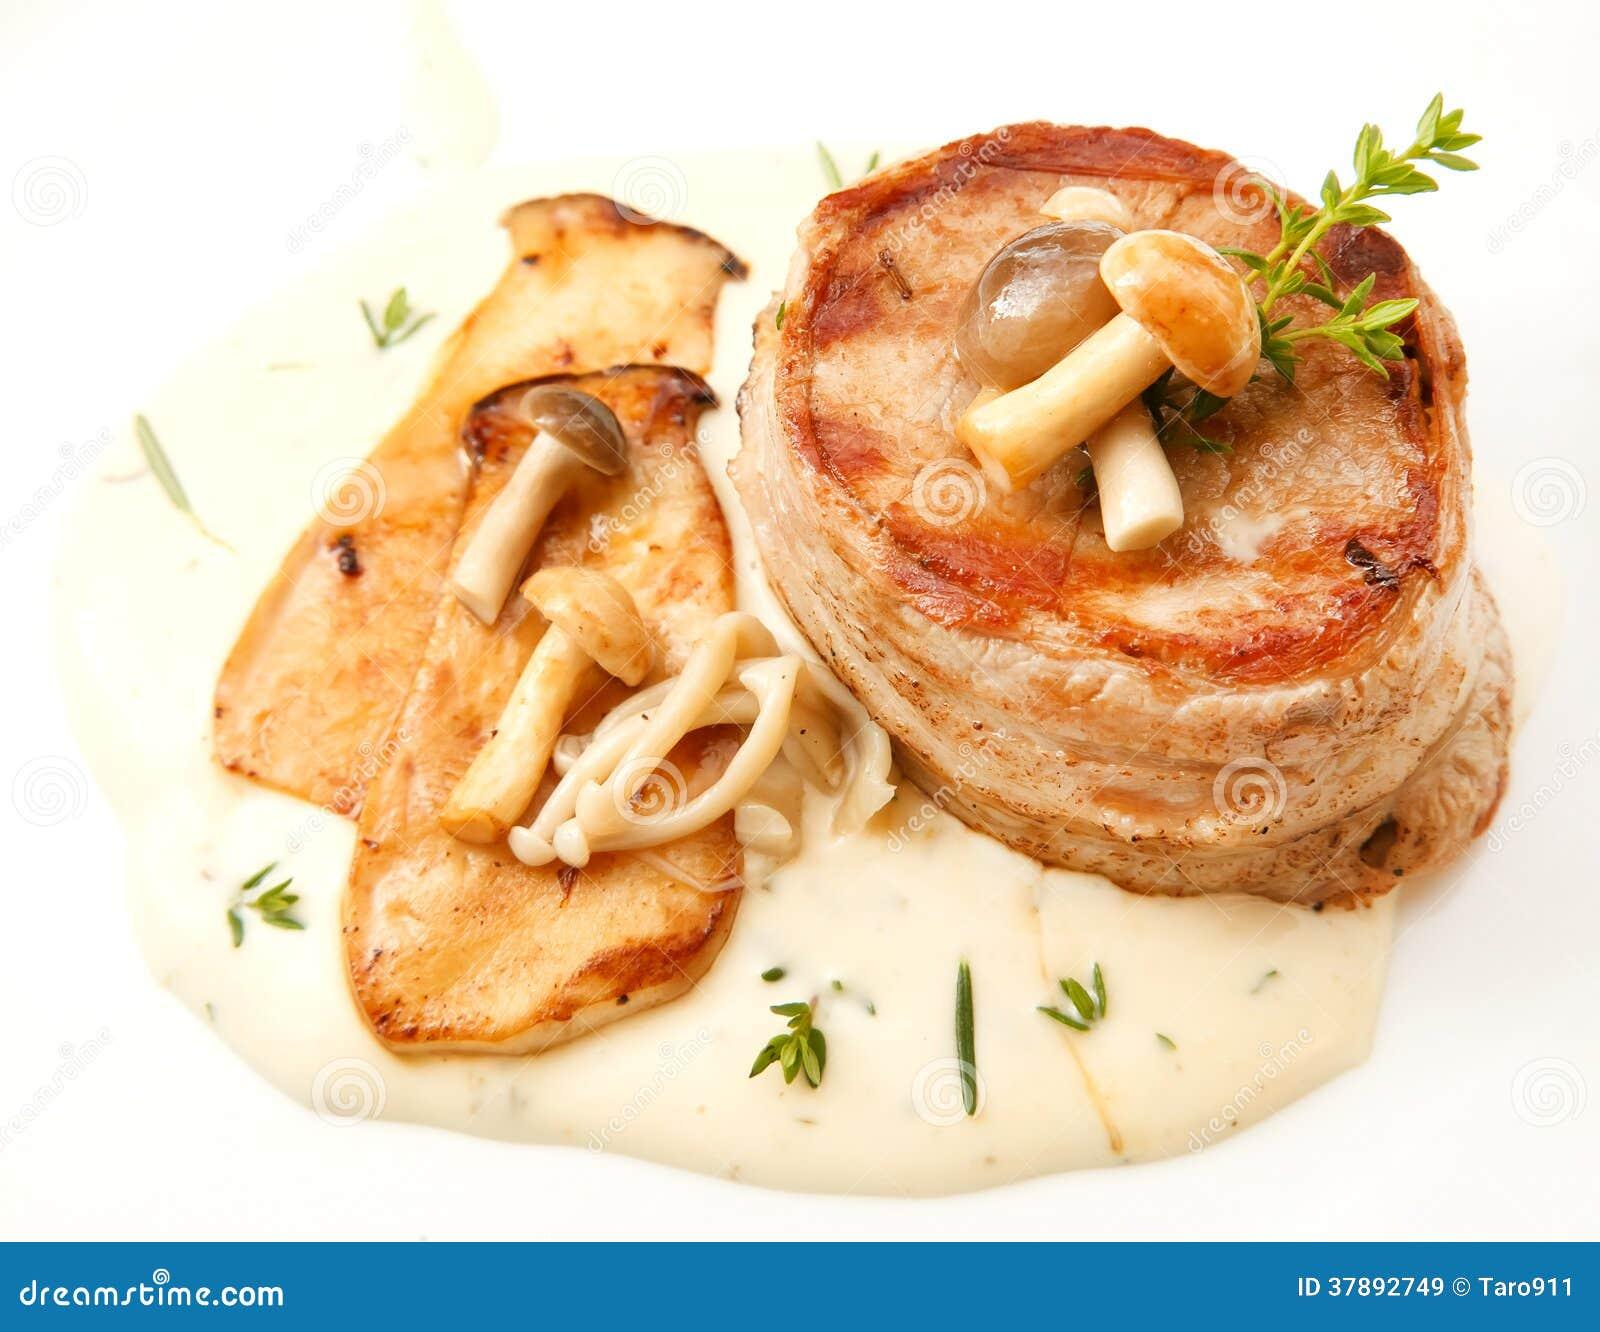 Filet Mignon Pork